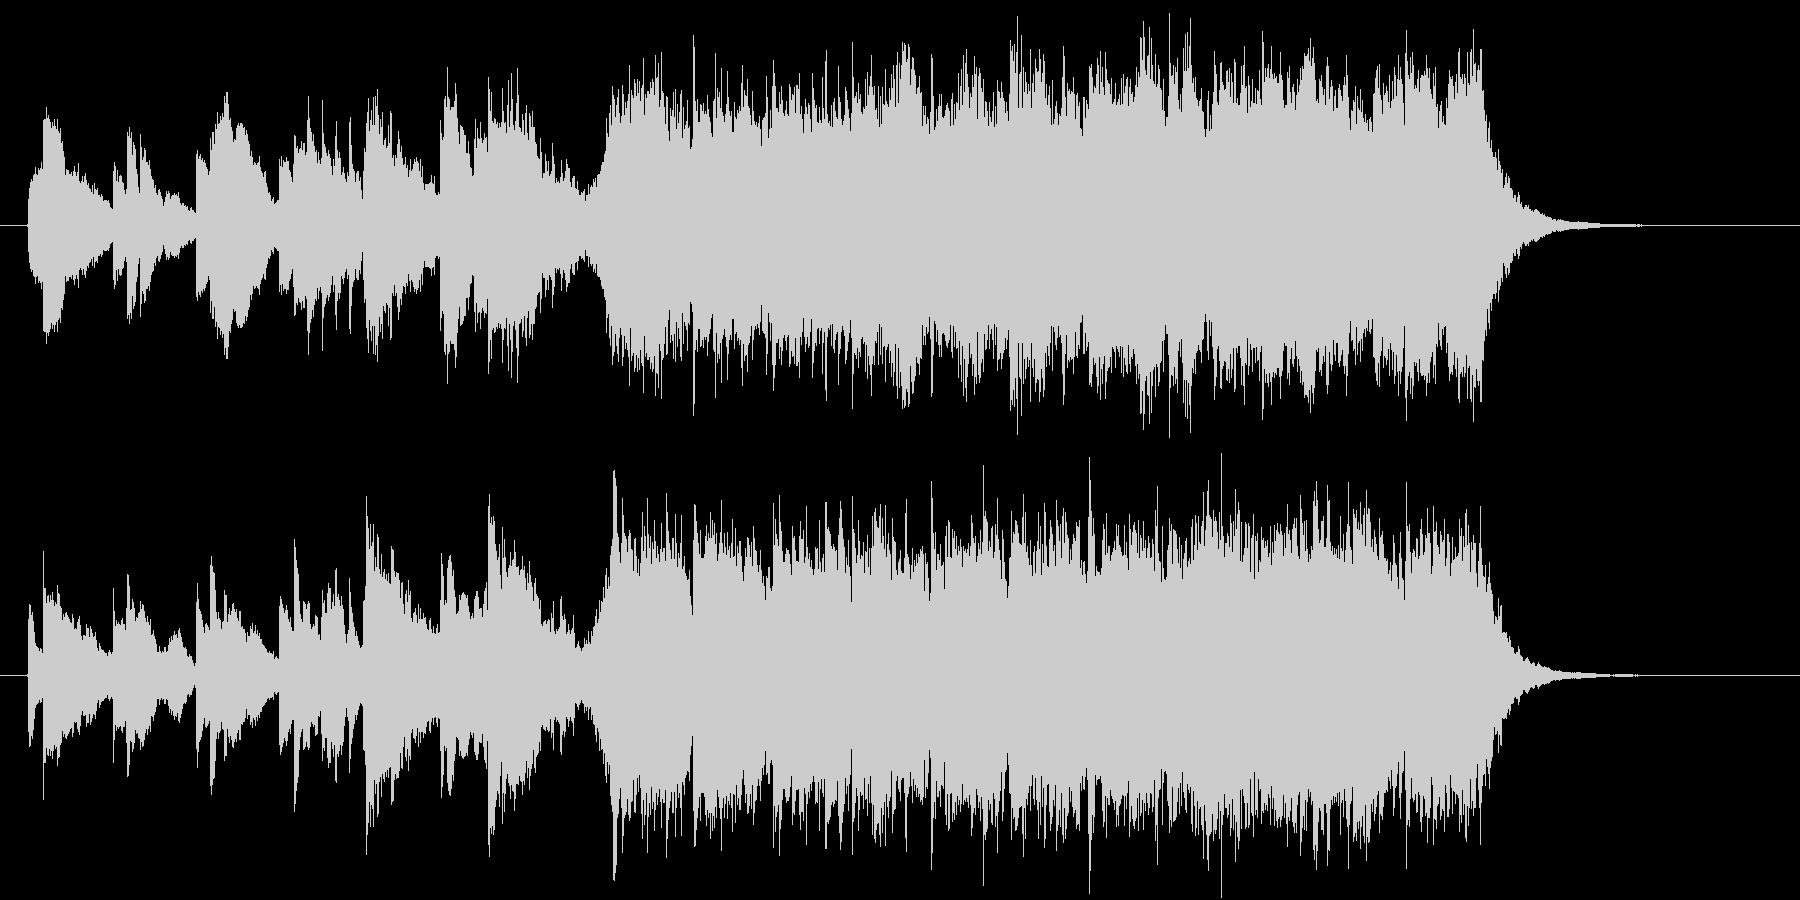 シャンプーのCMに使える爽やかで上質な曲の未再生の波形